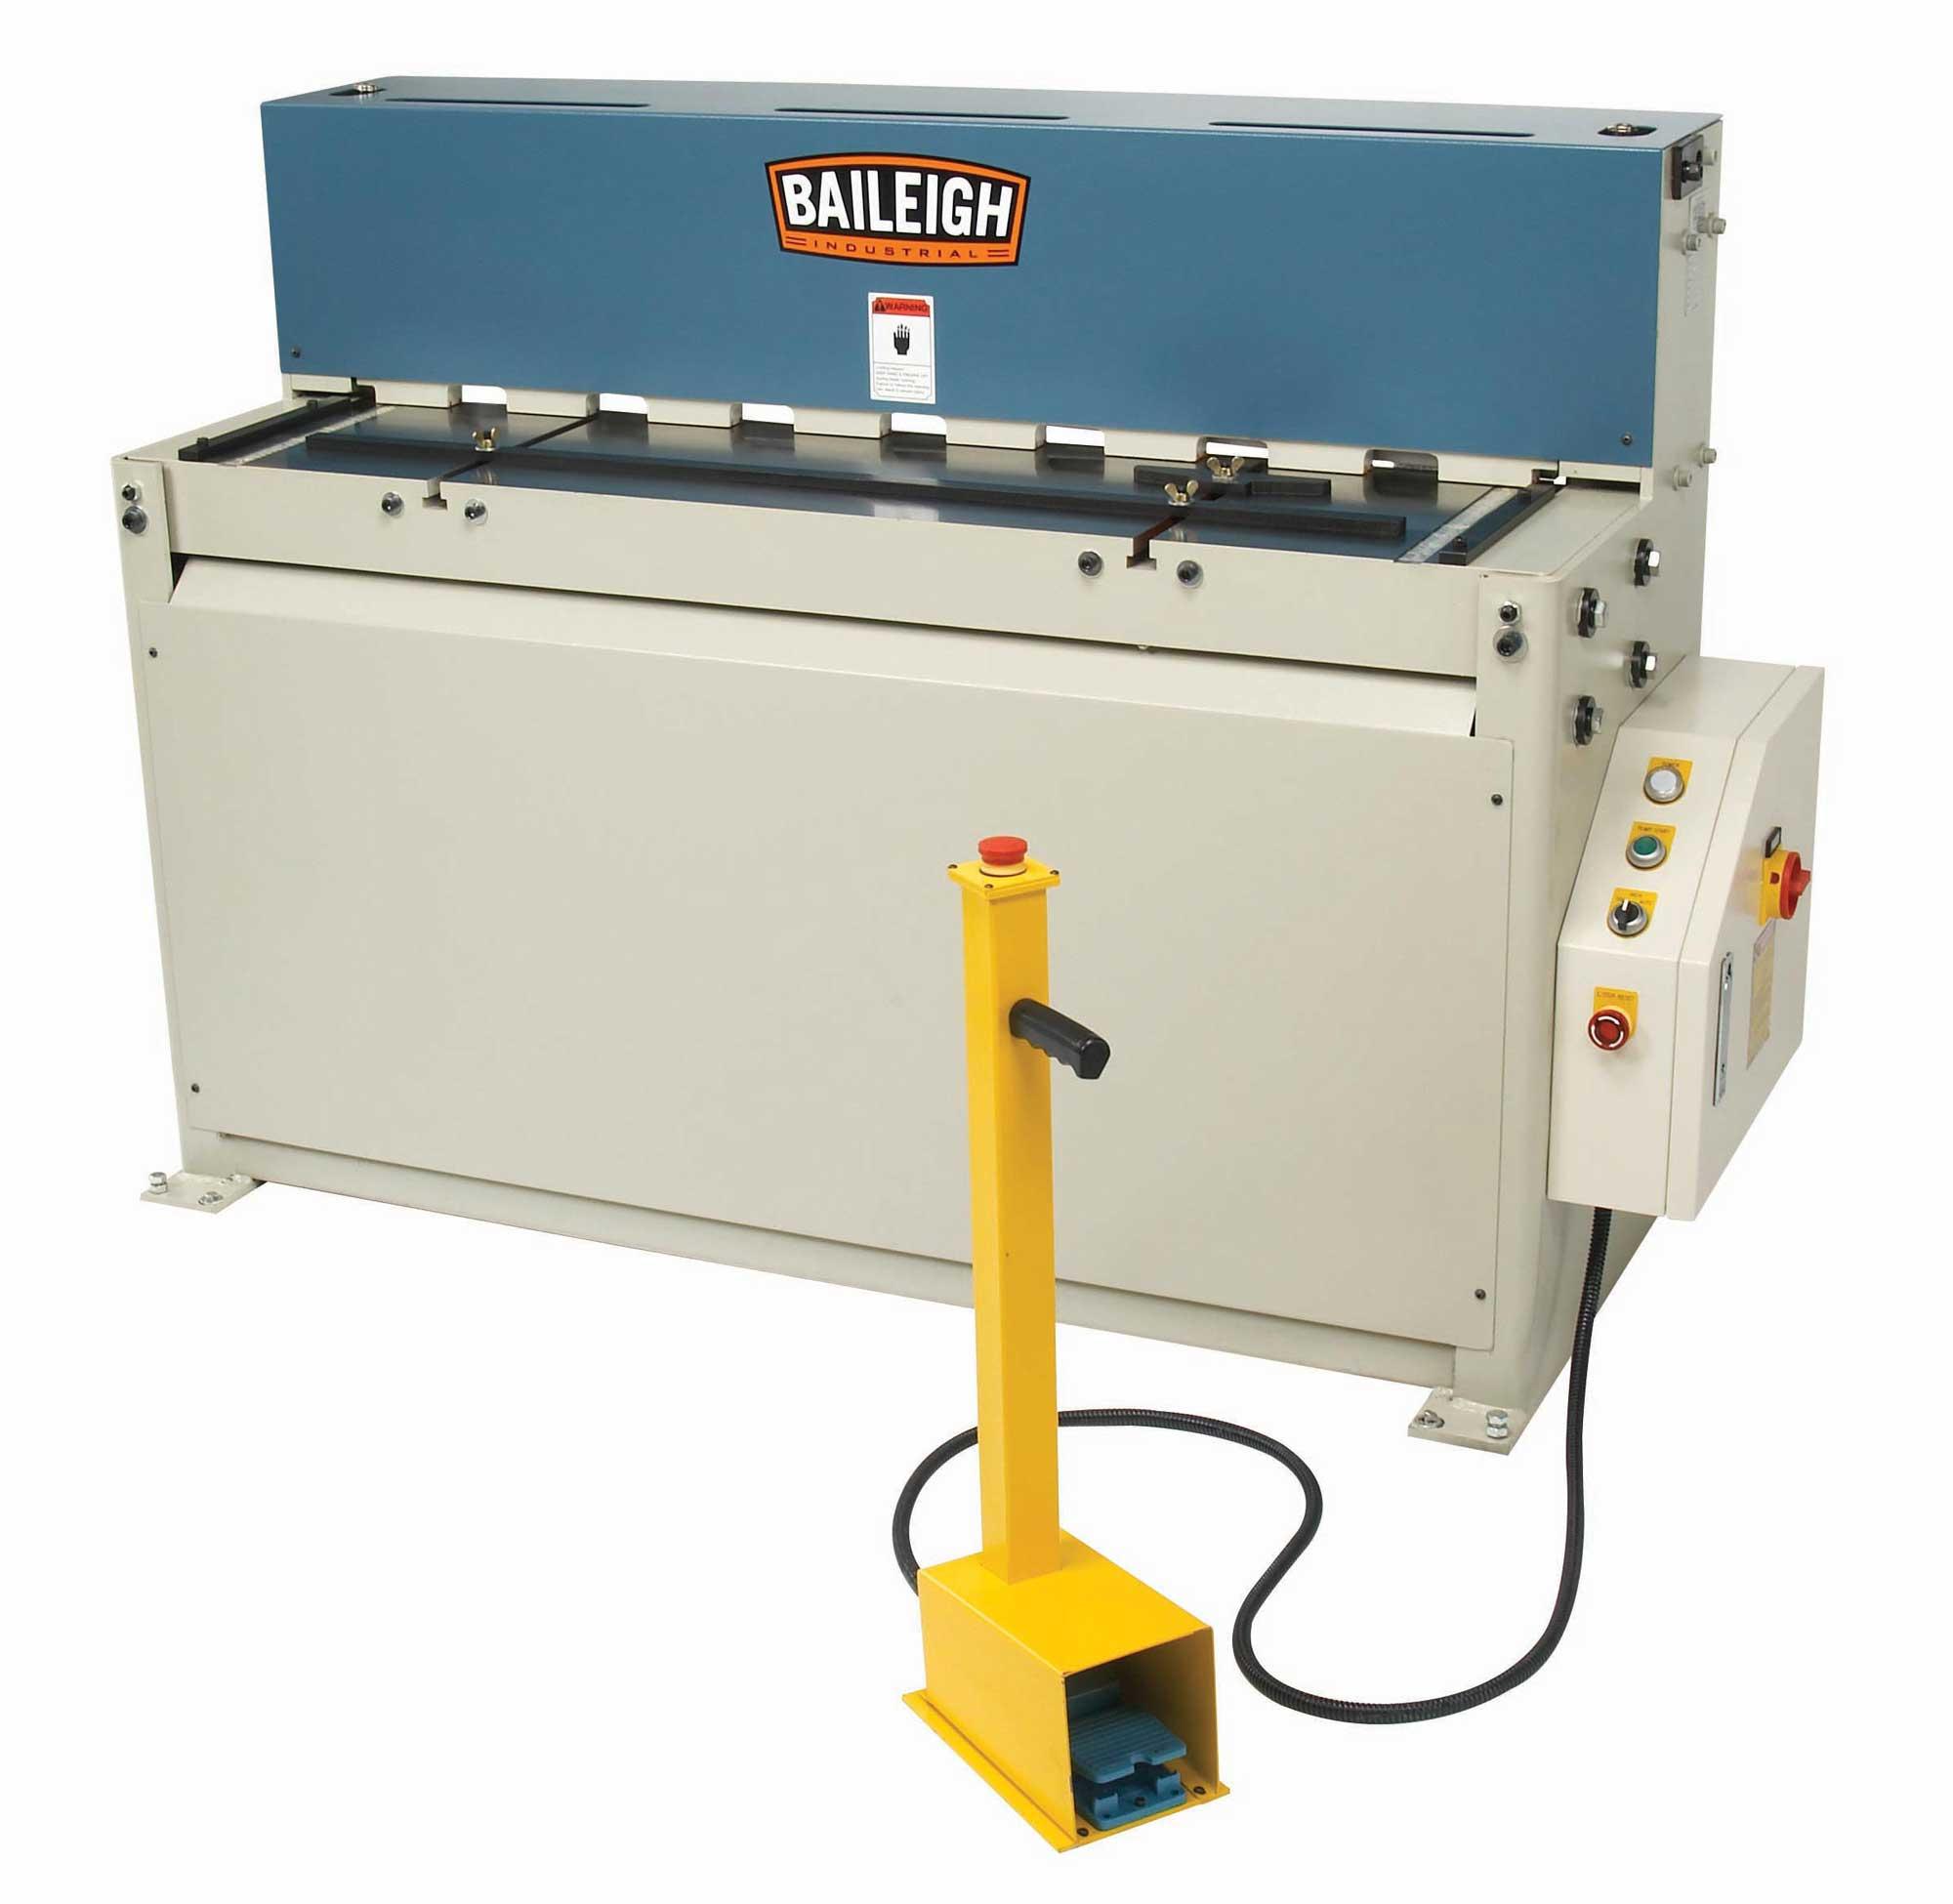 Baileigh Sh 5210 Hydraulic Shear